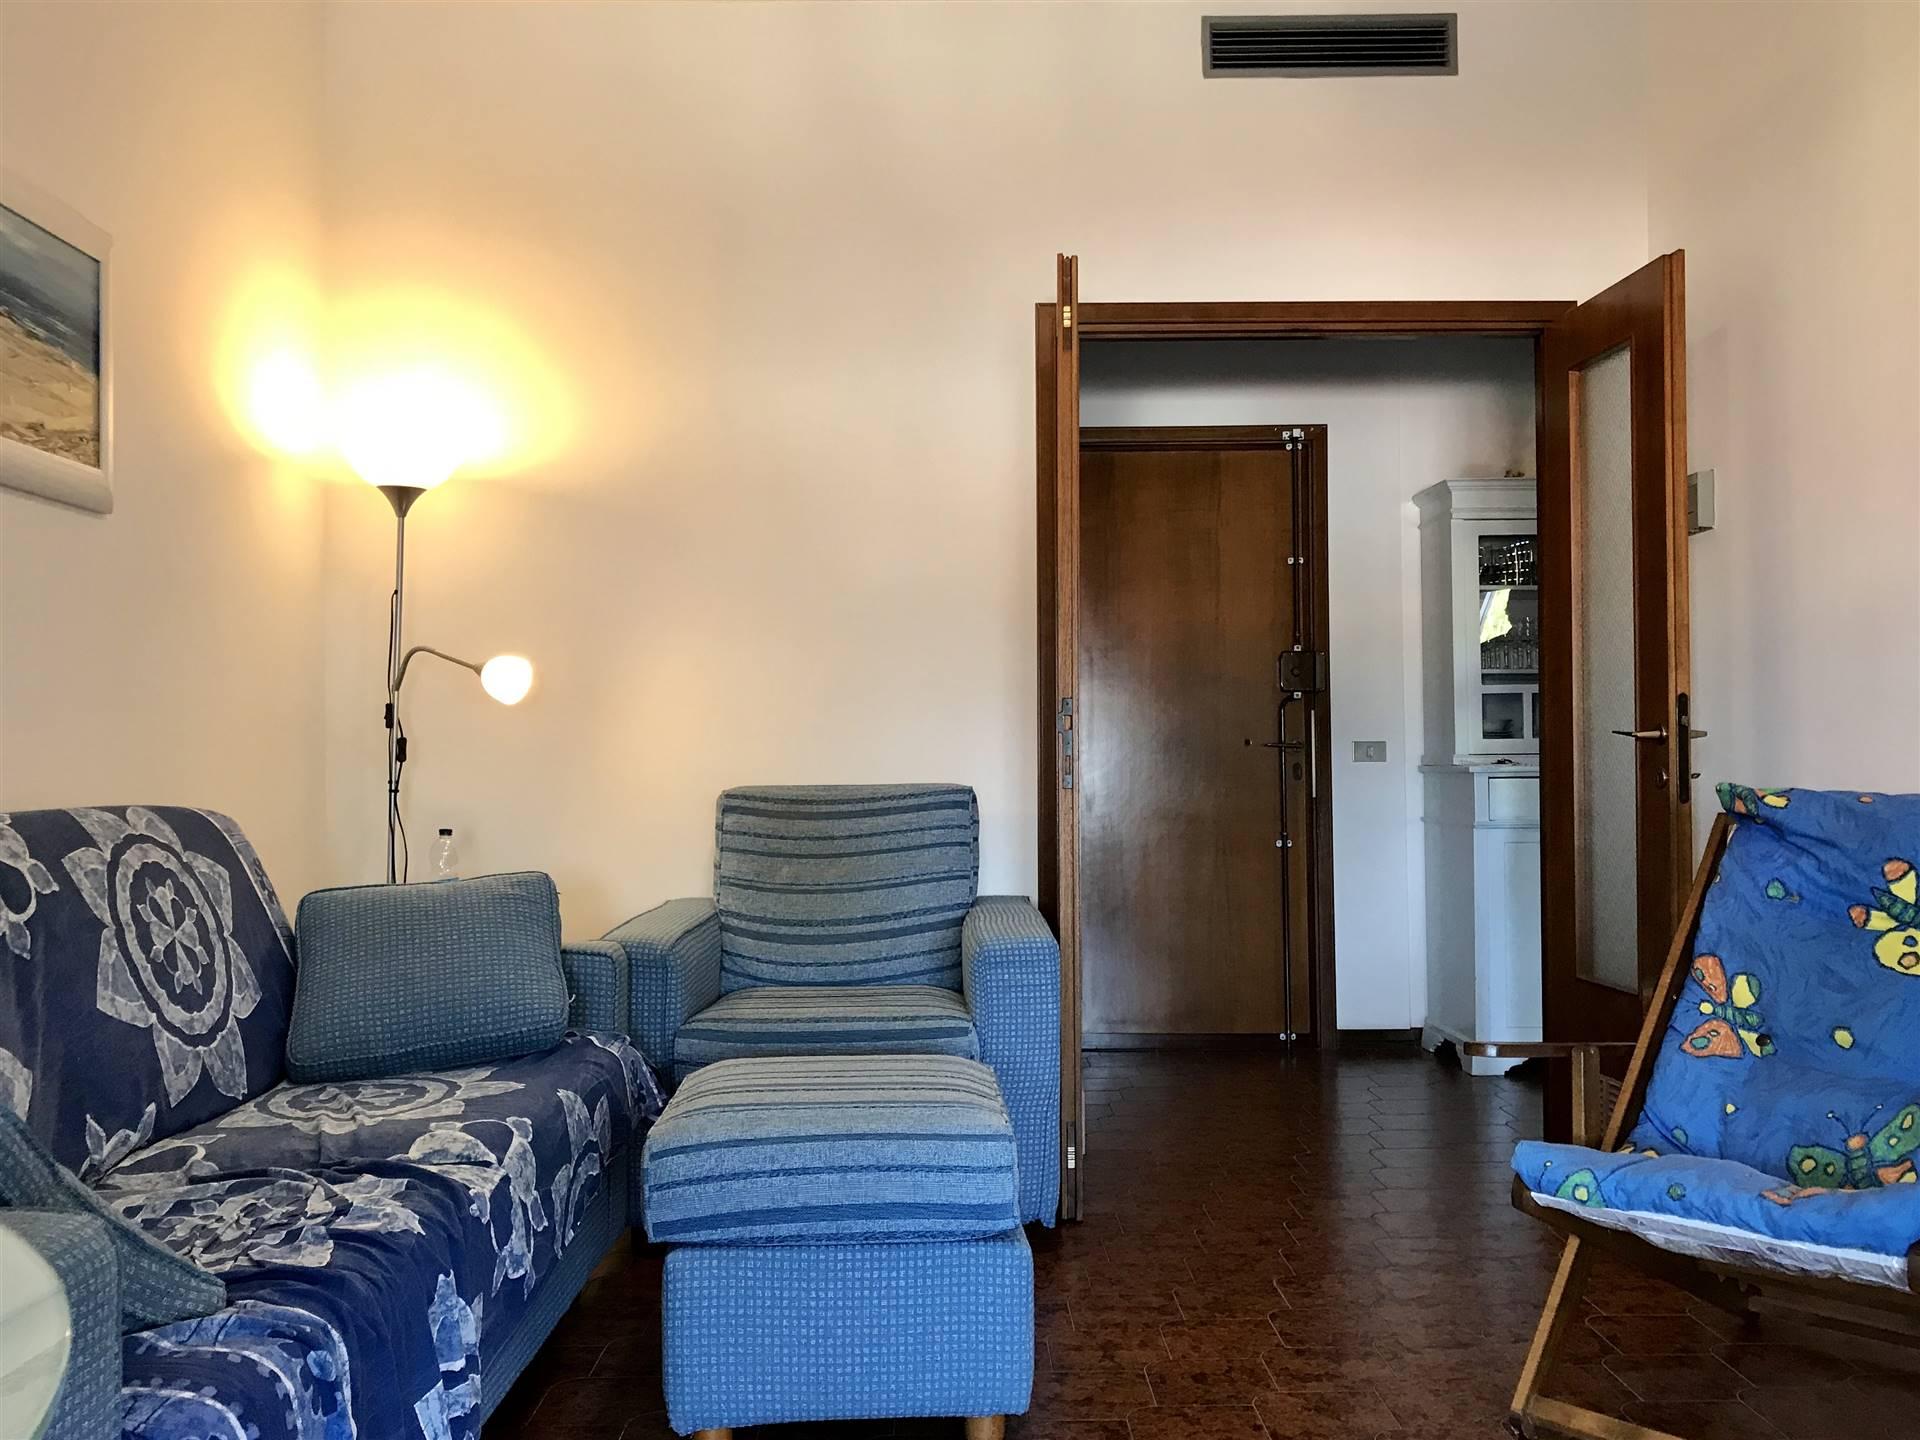 A Viareggio a pochi metri dalla Darsena e a soli 800 mt dal mare proponiamo per la vendita ampio appartamento con balcone abitabile, ottimo per